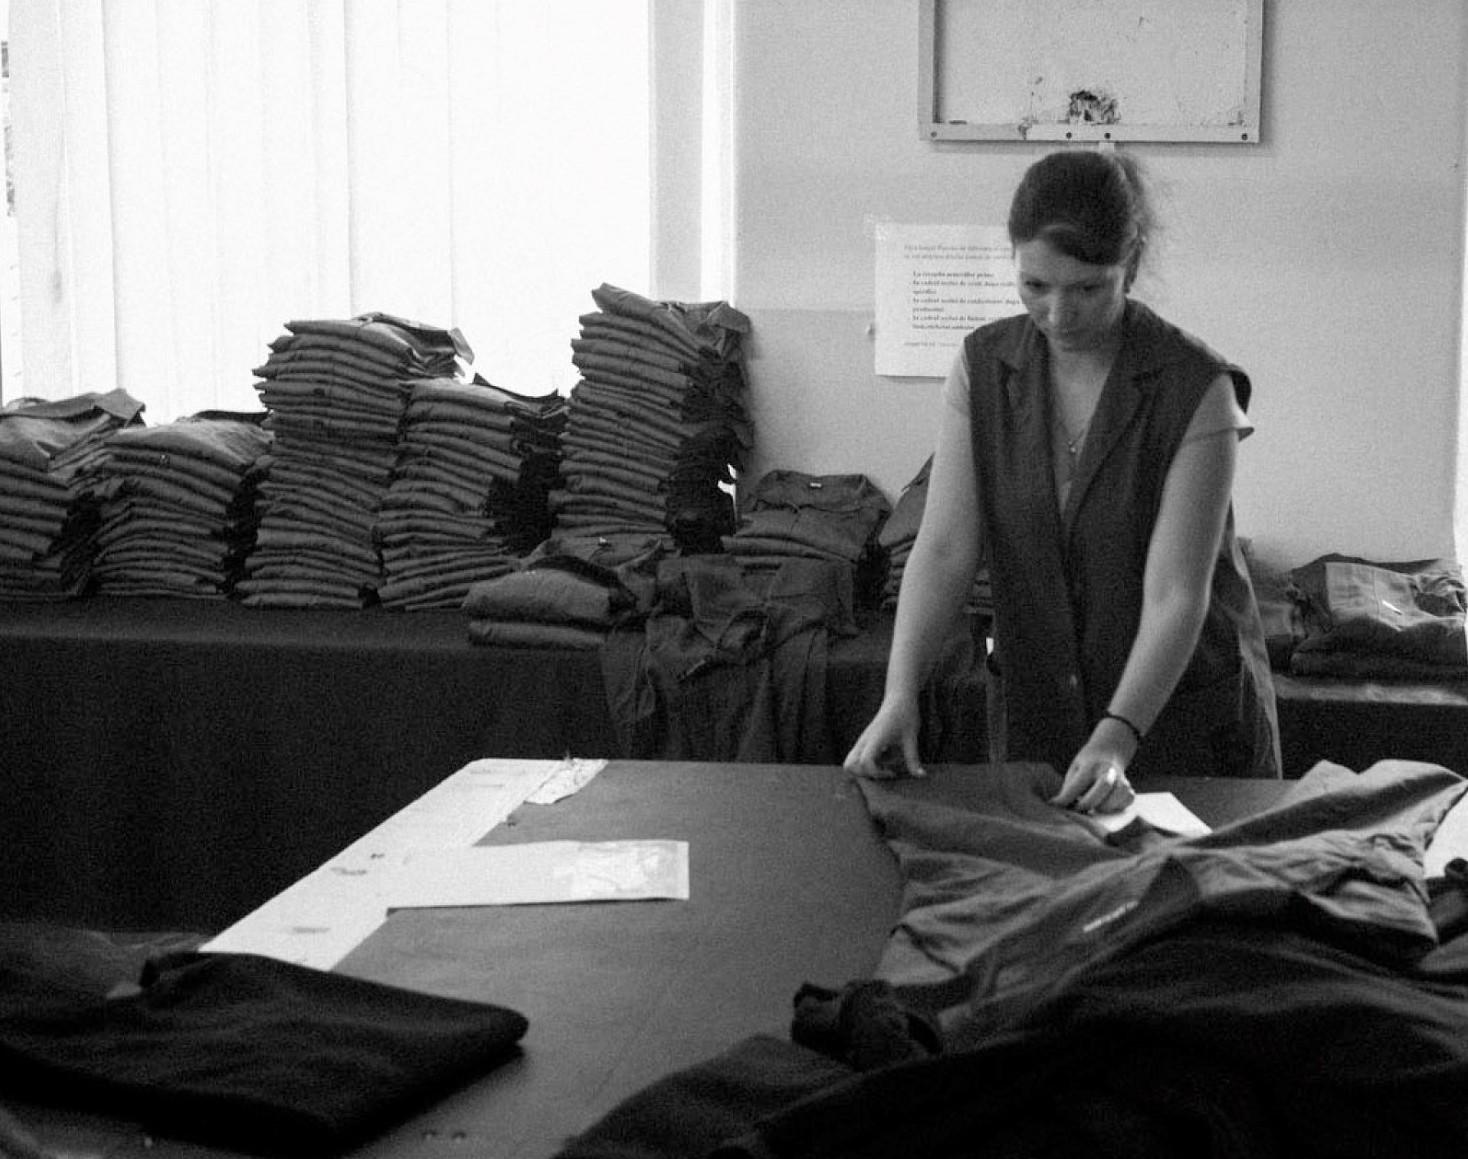 Busta paga tessile e abbigliamento 2019-2020 come leggere le diverse voci